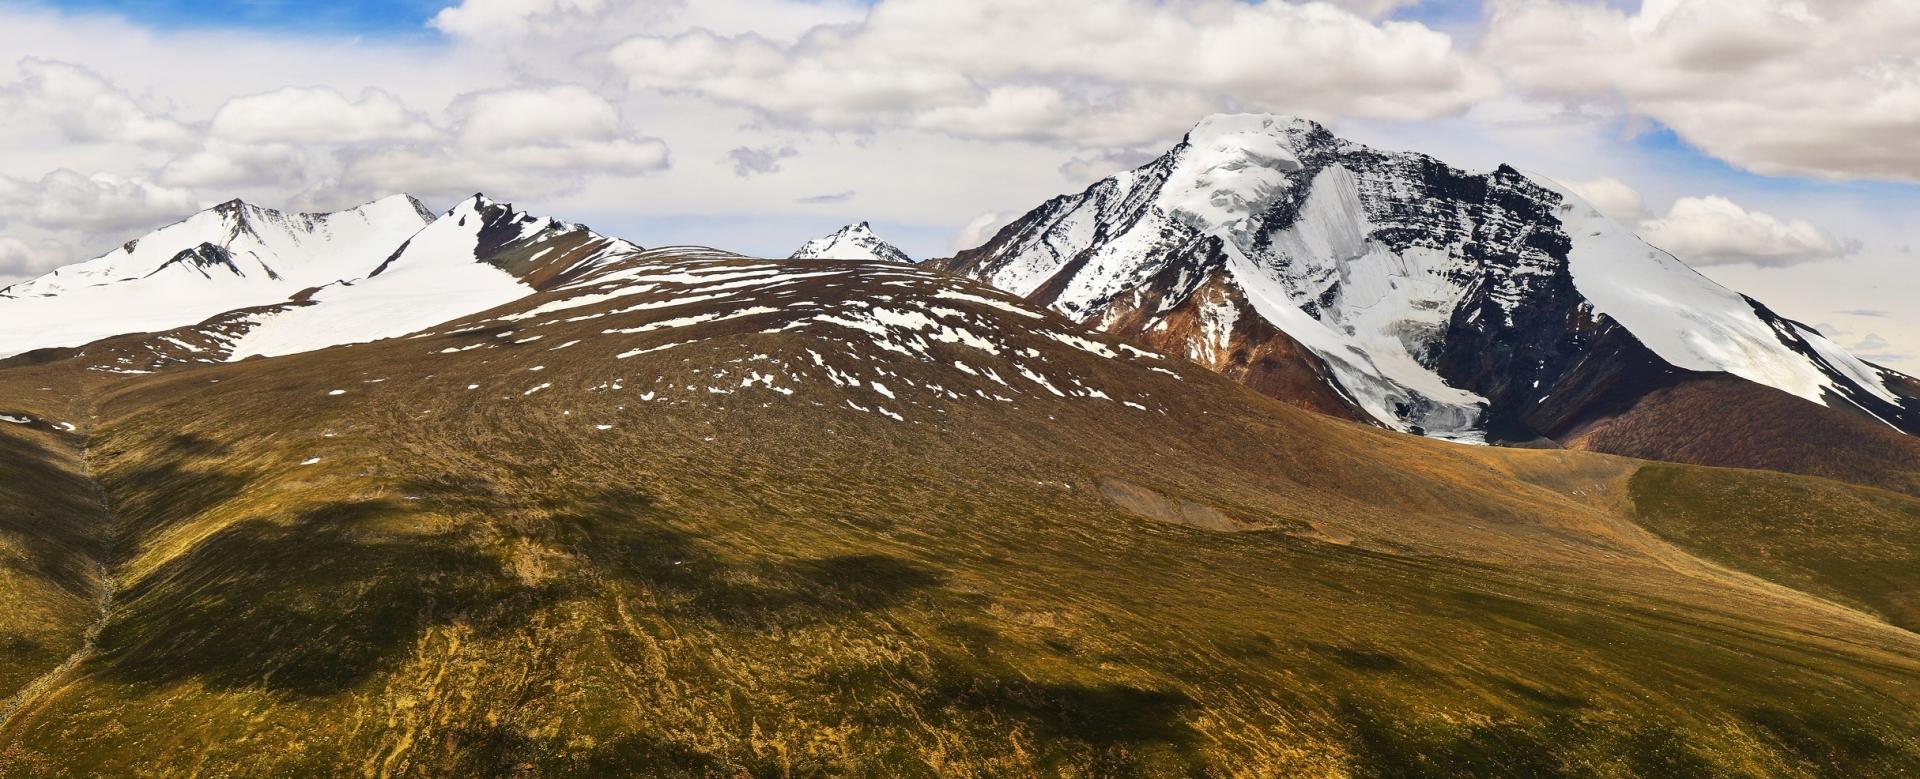 Voyage à pied : Inde : Ascension du kang yatse (6195 m)